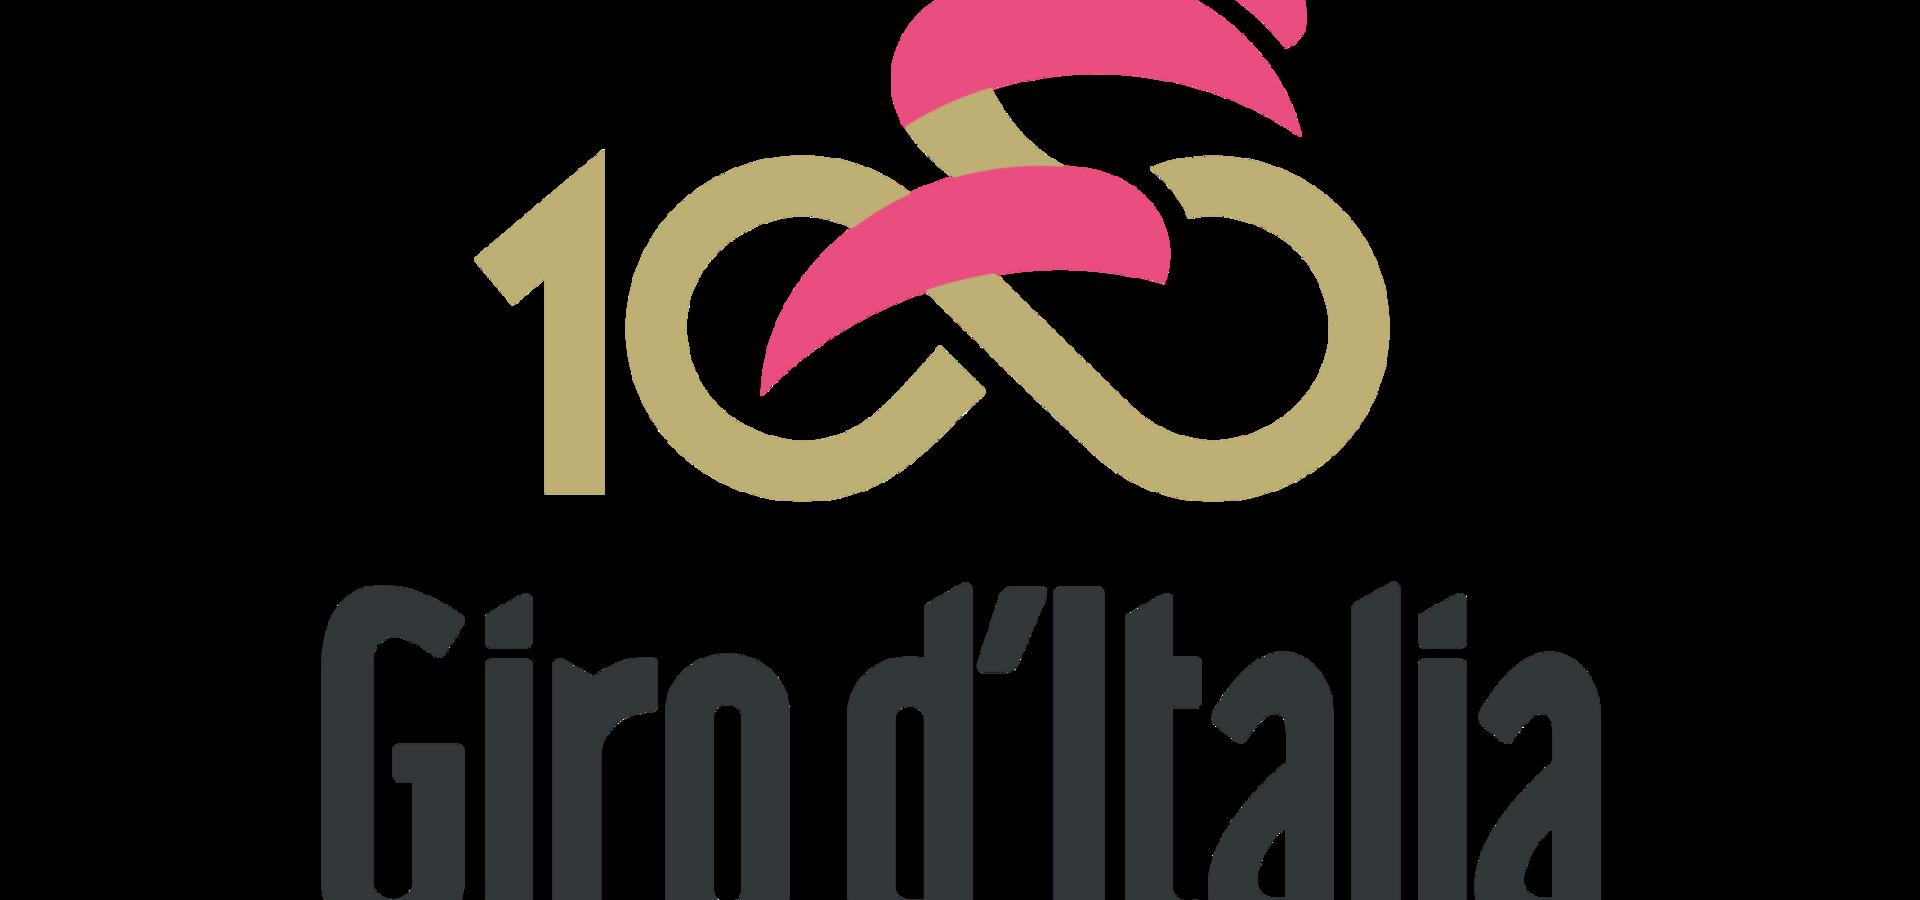 Road Closure of Giro d'Italia Stage 18